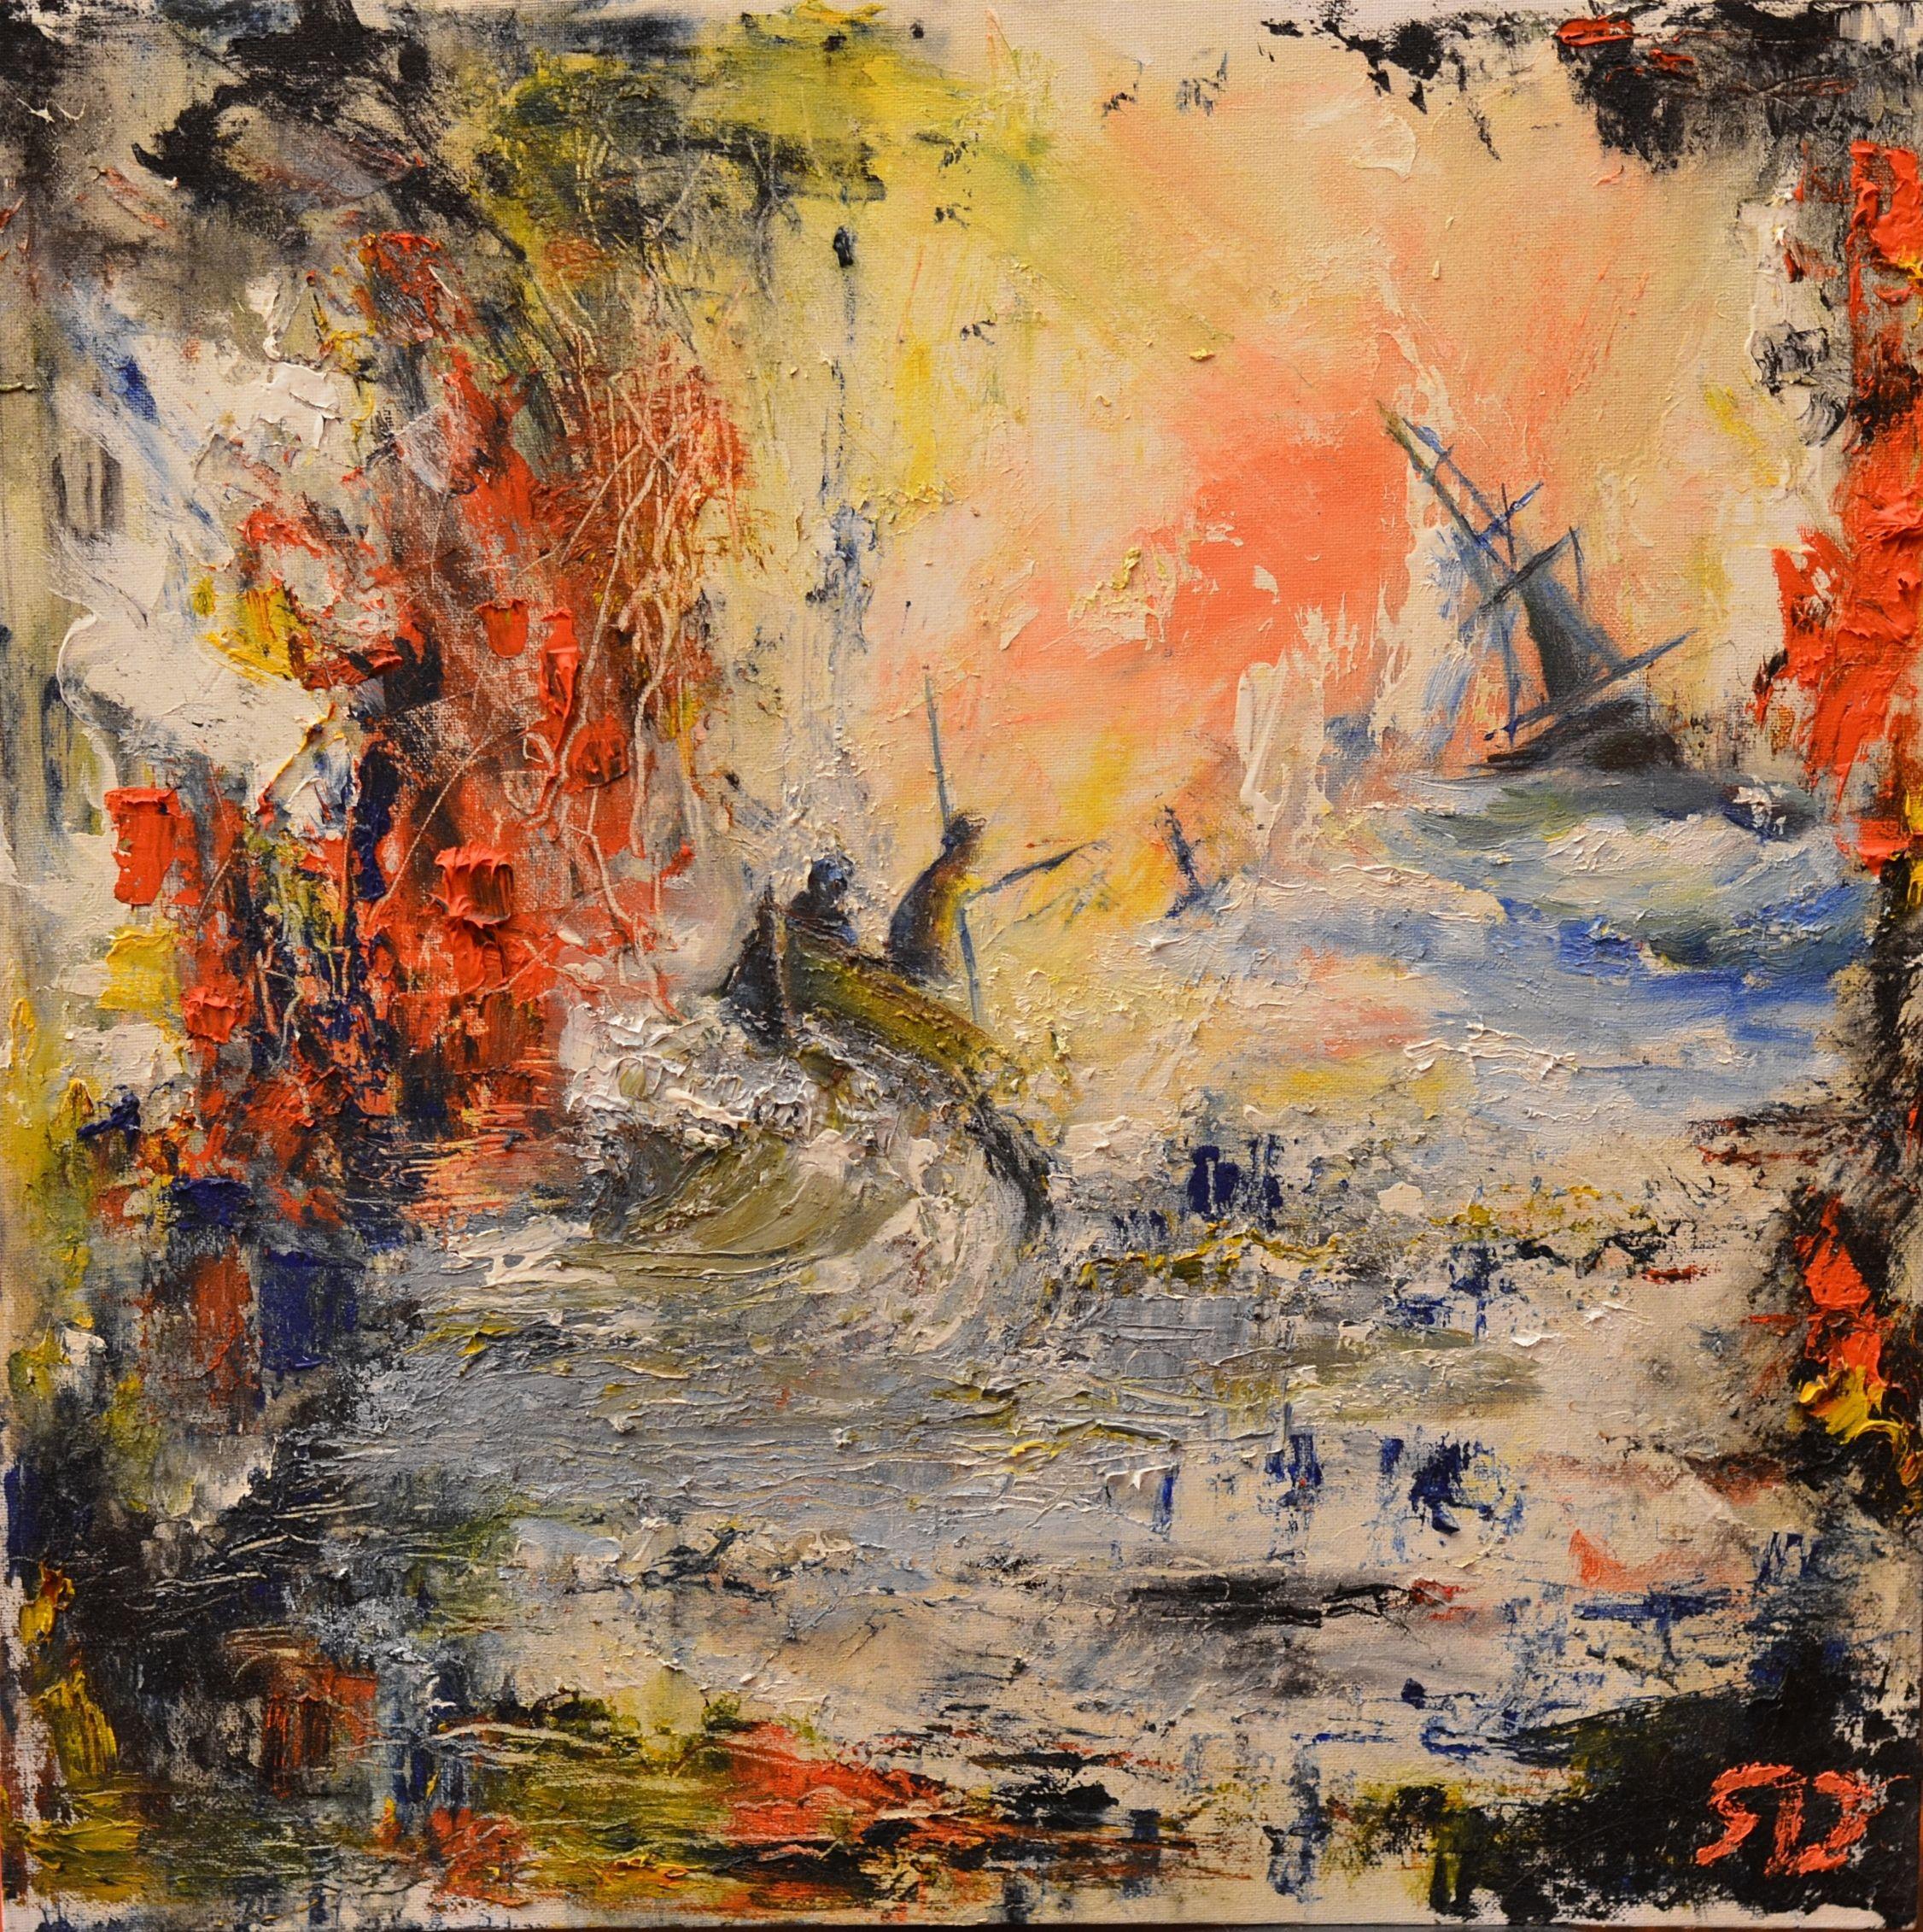 art абстракция корабль заказ художник арт море масло картина